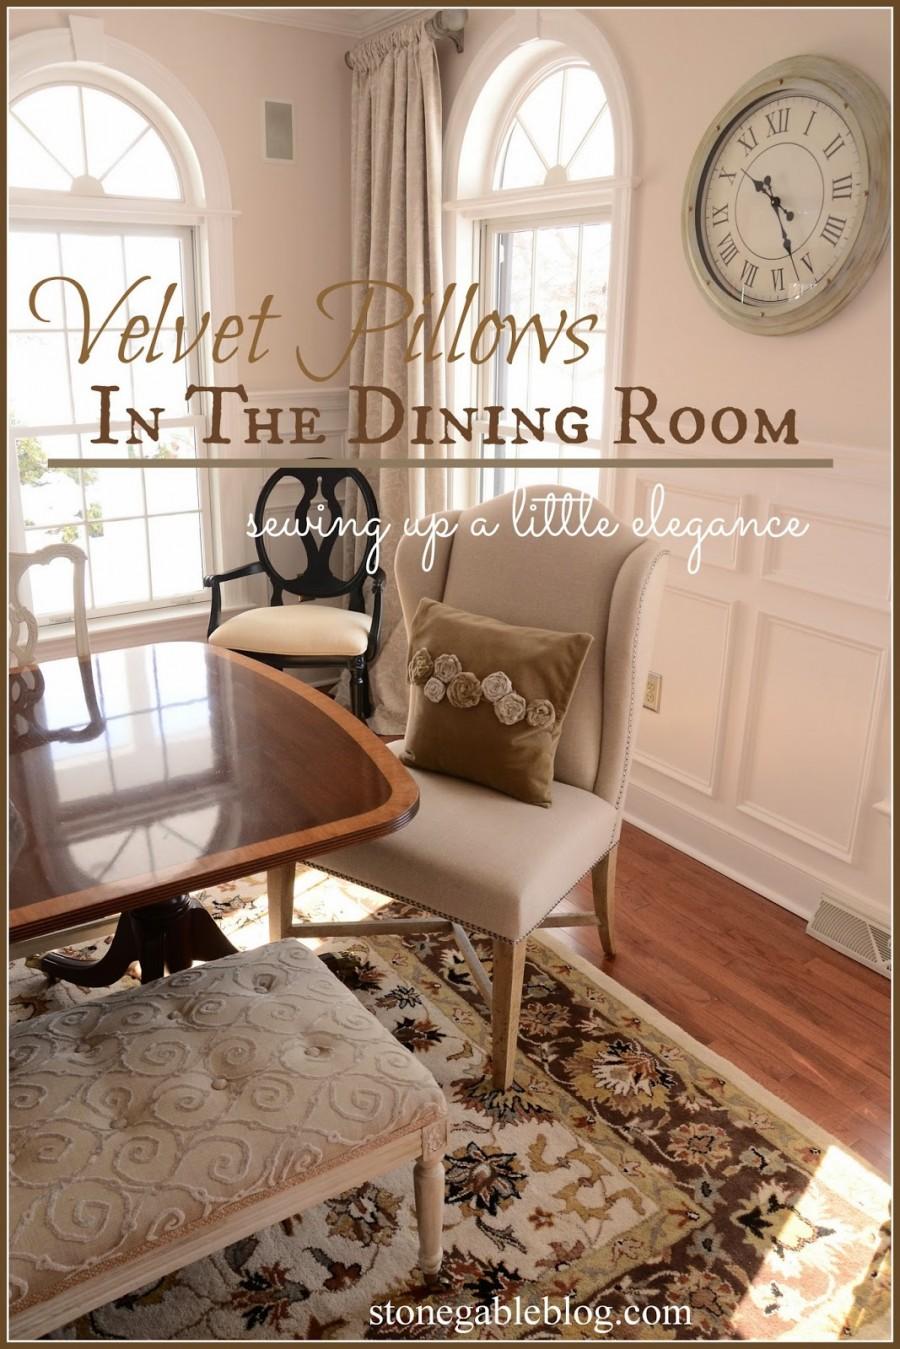 VELVET PILLOWS IN THE DINING ROOM